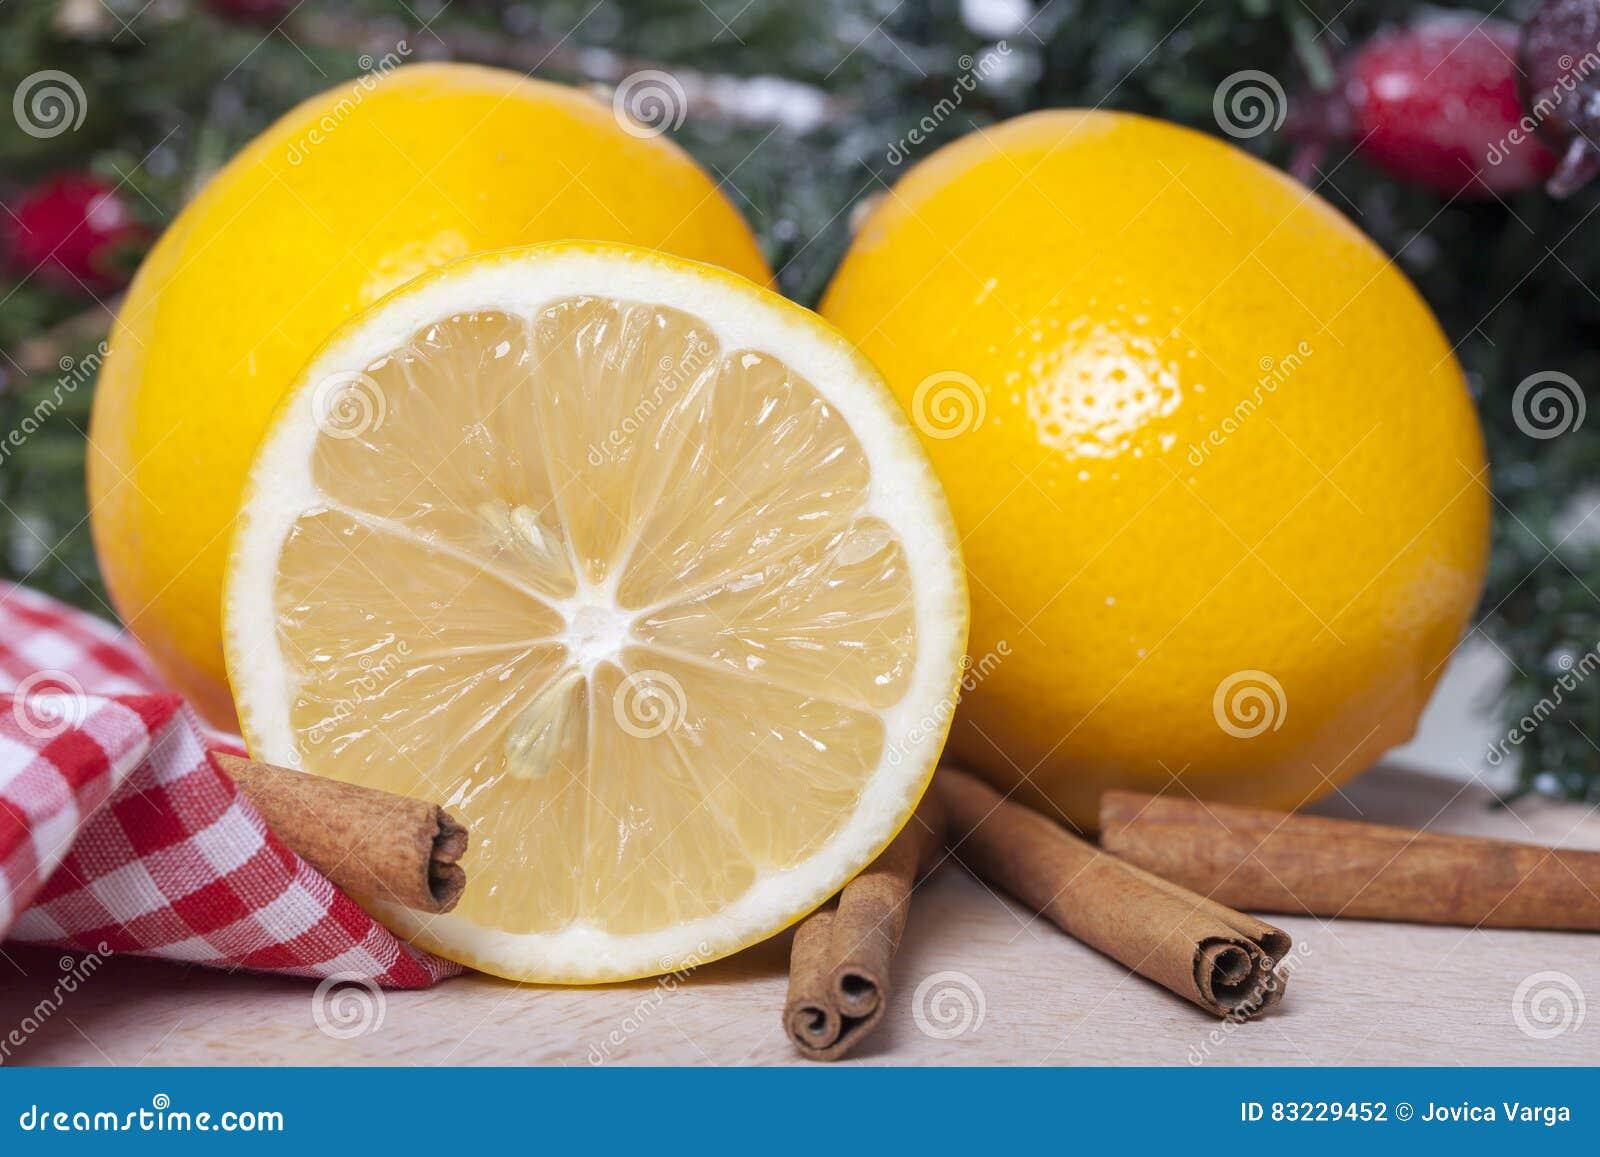 Kanelbrun citron